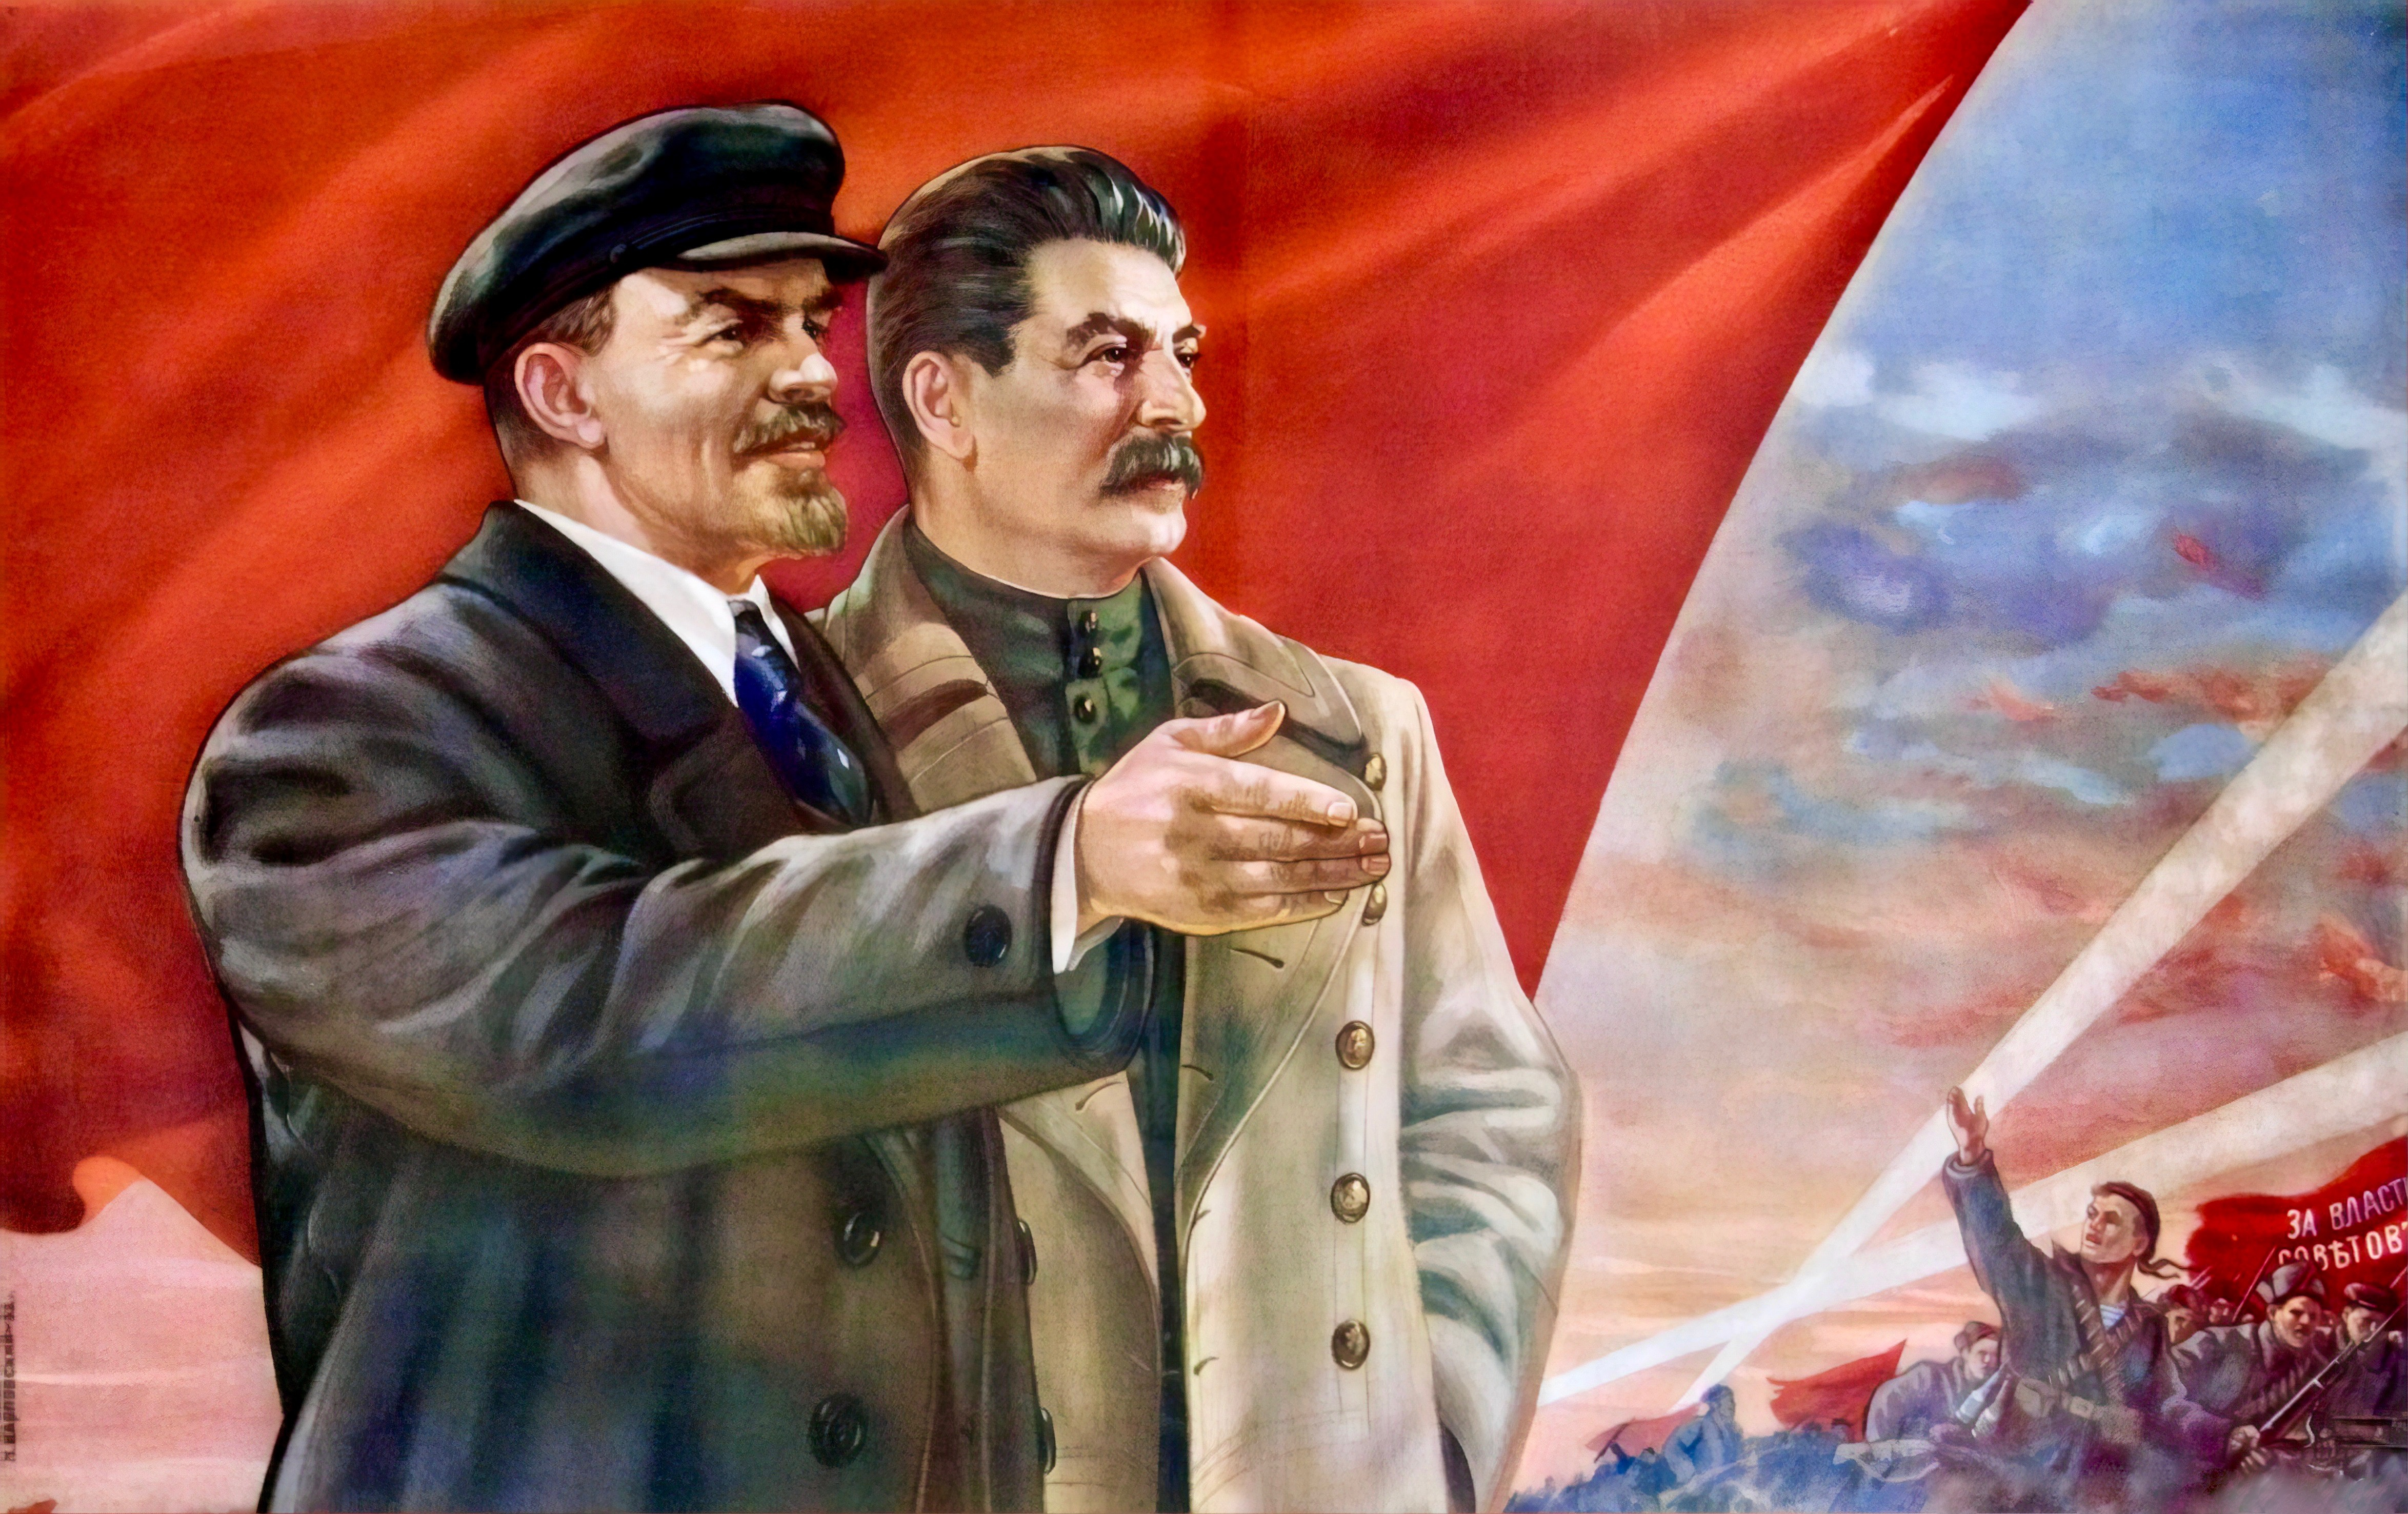 Ленин начал – Сталин продолжил, Ленин задумал – Сталин воплотил